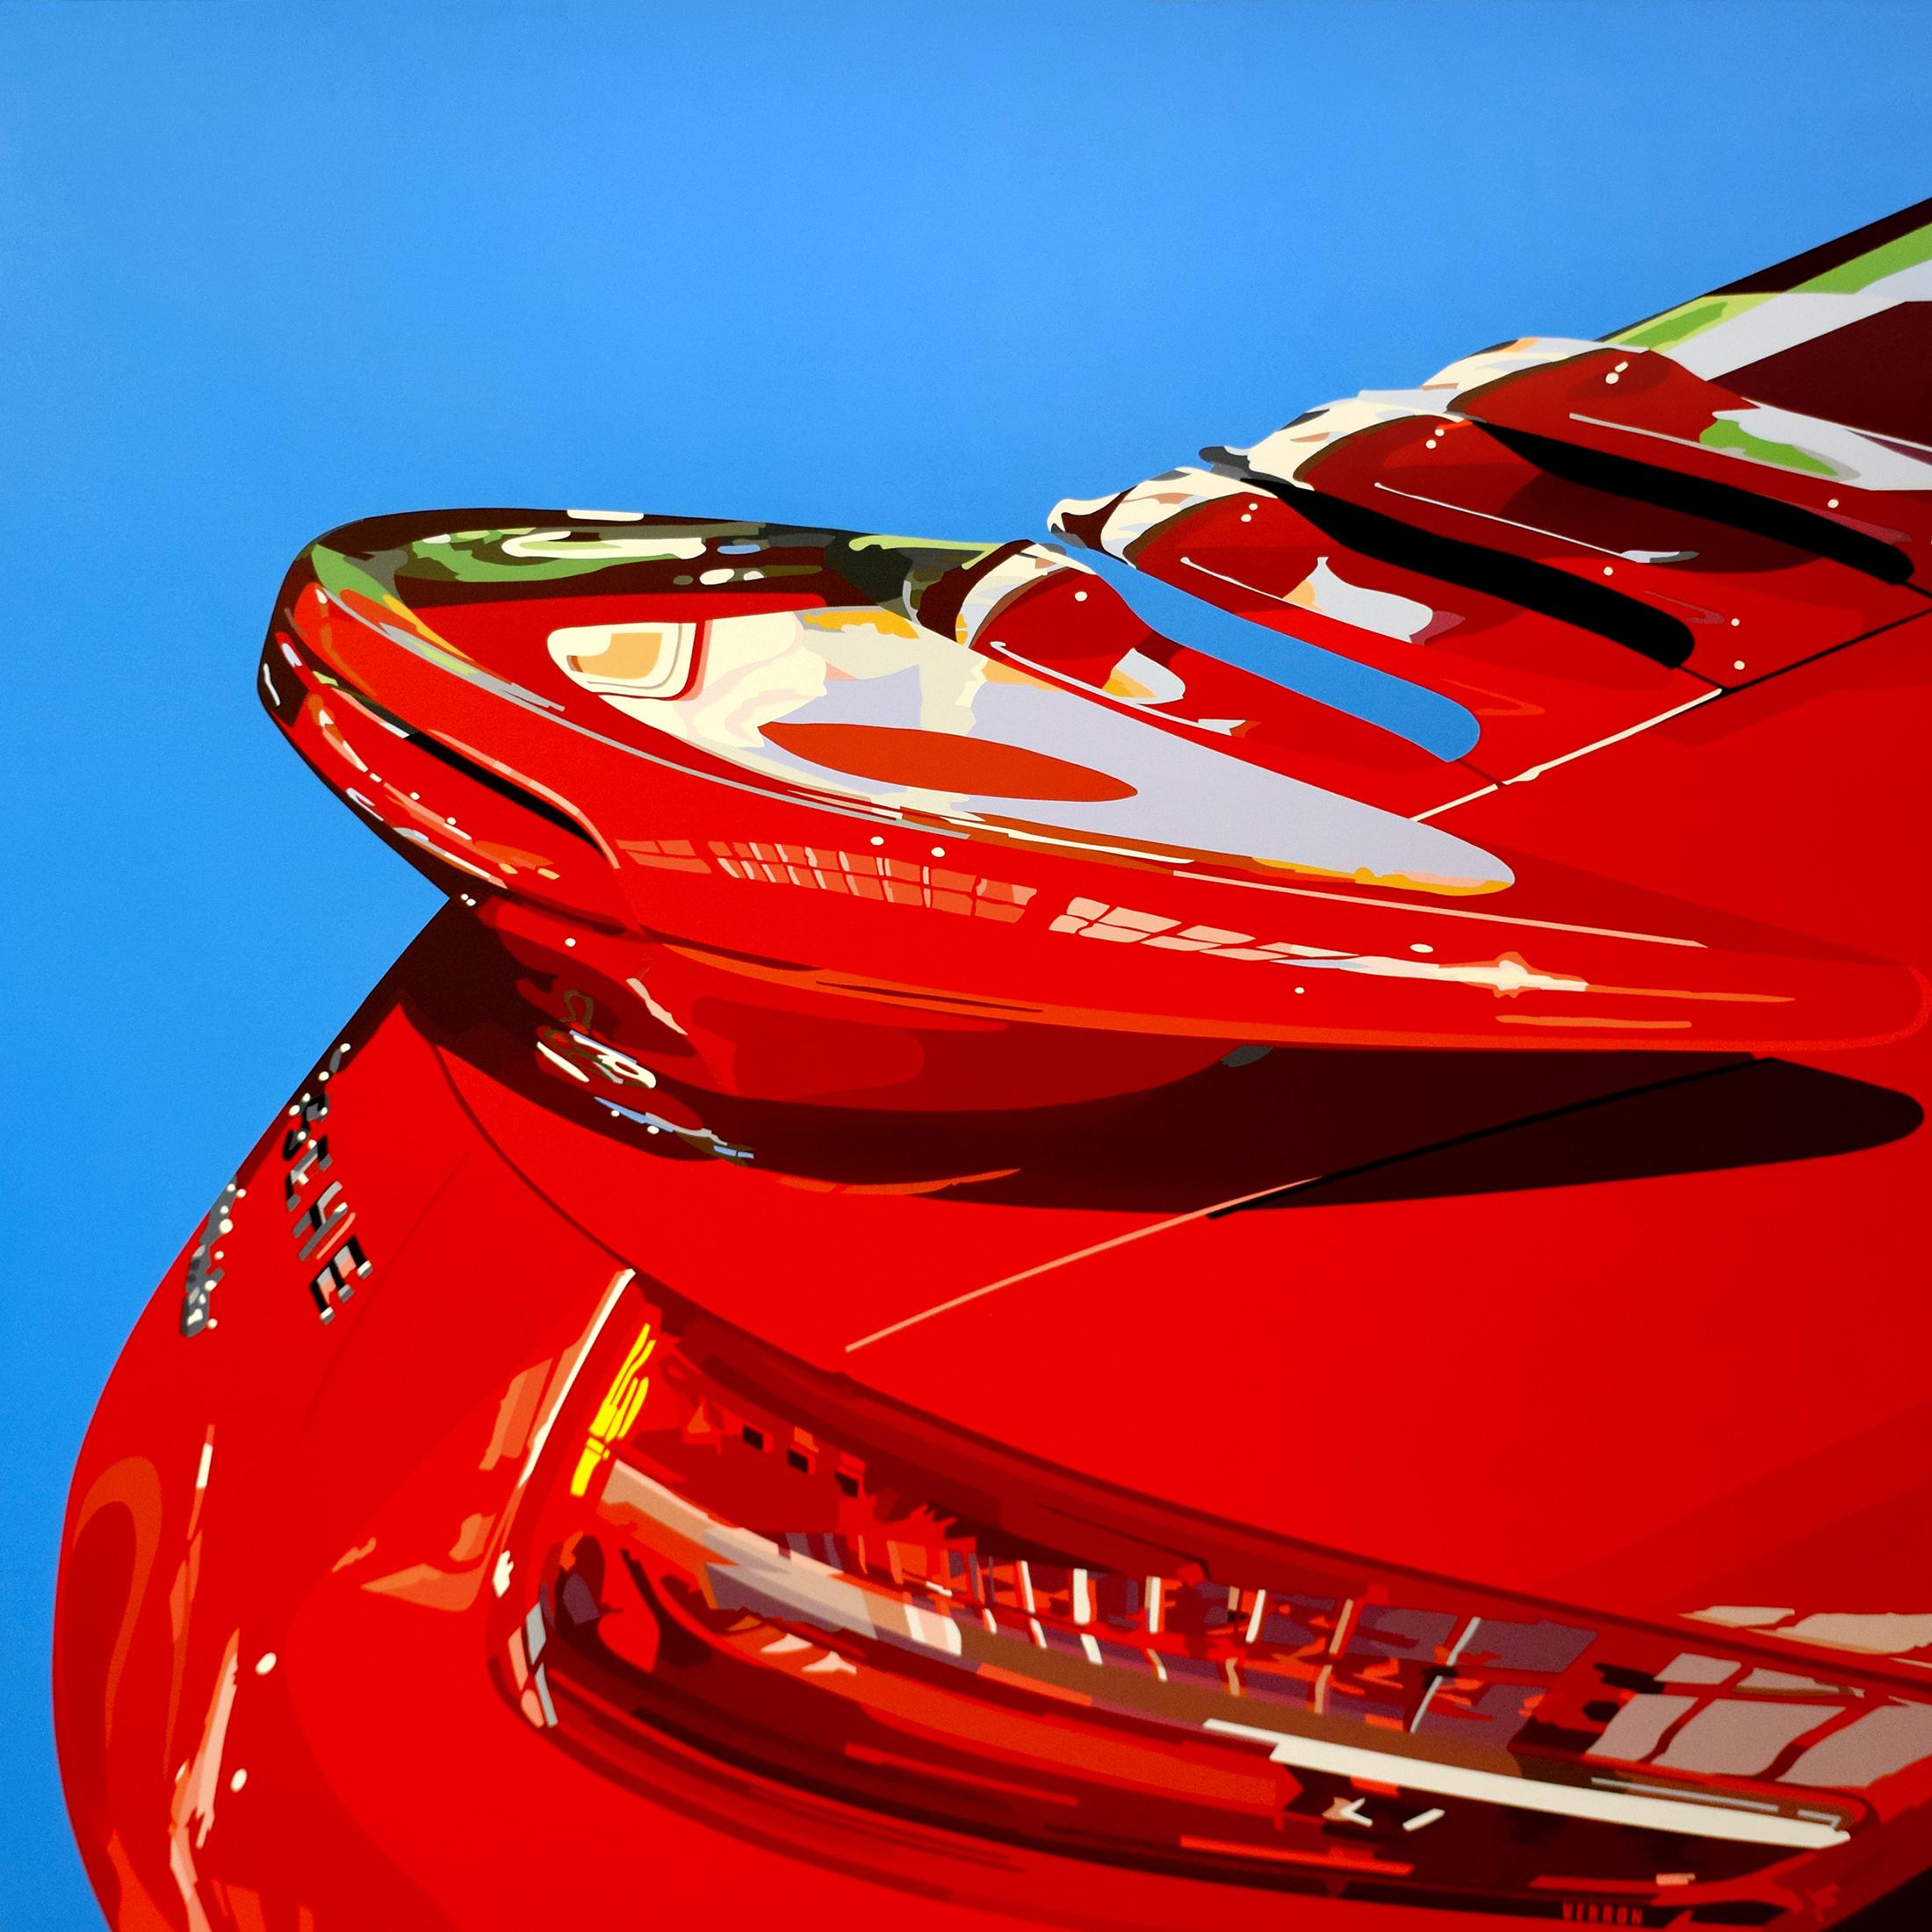 Verron - Porsche 991 , 8051-012-006